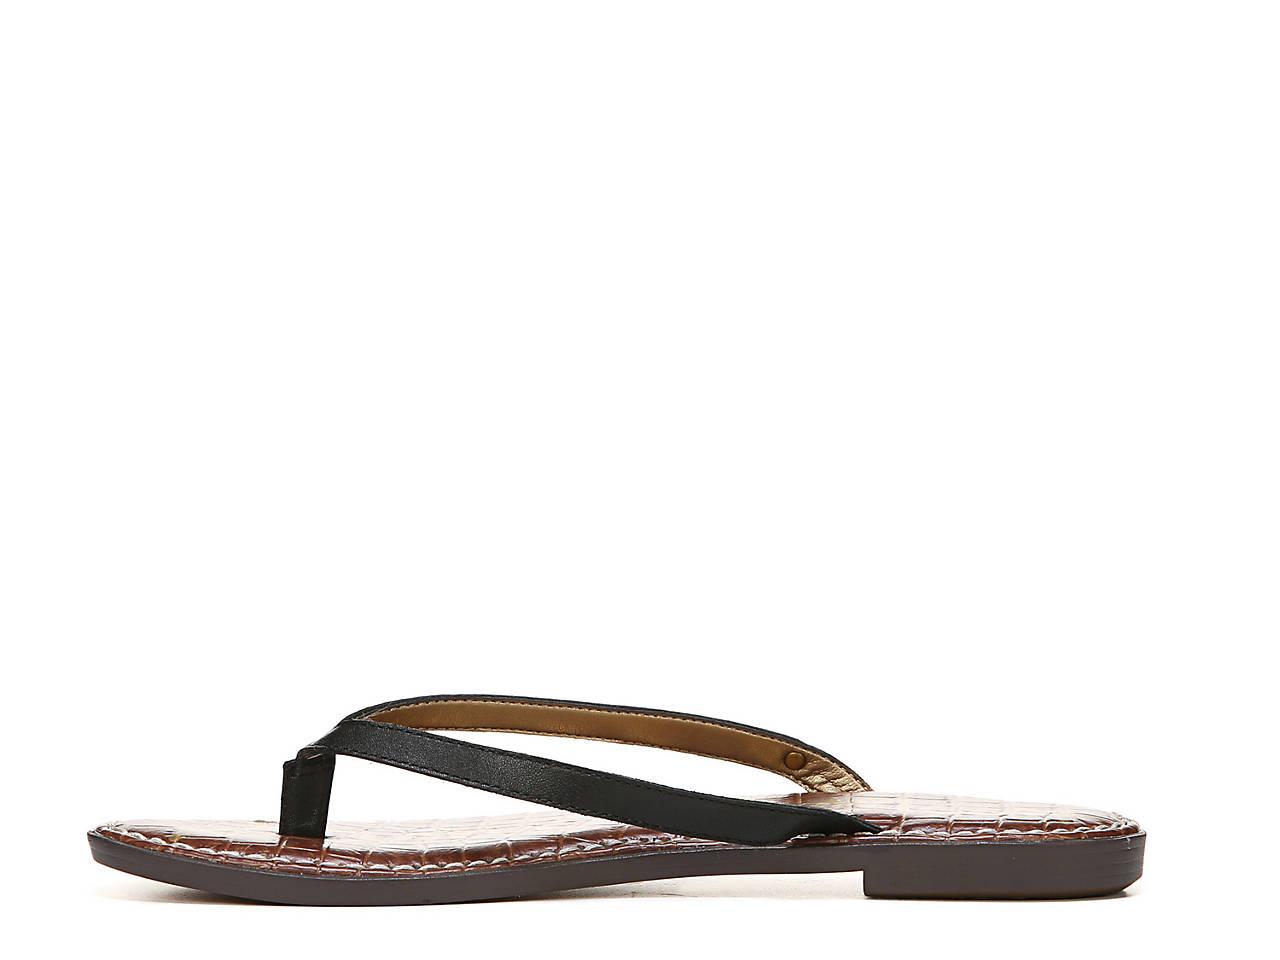 73569b33d2a Sam Edelman Gracie Flip Flop Women s Shoes